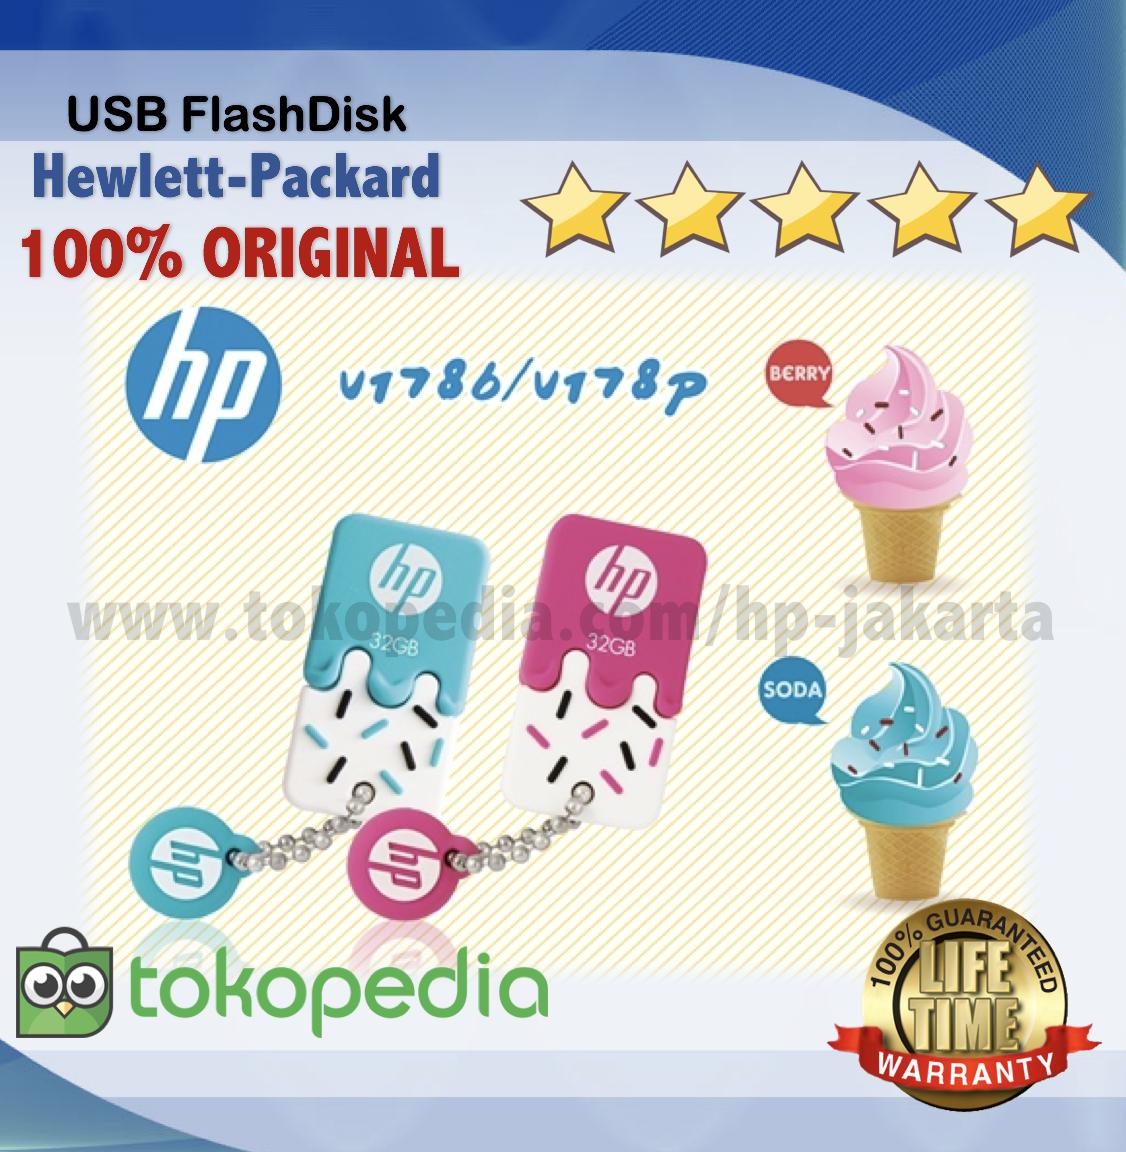 Hp Flashdisk V178b 32 Gb Biru Daftar Harga Terkini Dan Terlengkap 8gb V178w Jual Usb 16gb 100 Original Garansi Resmi